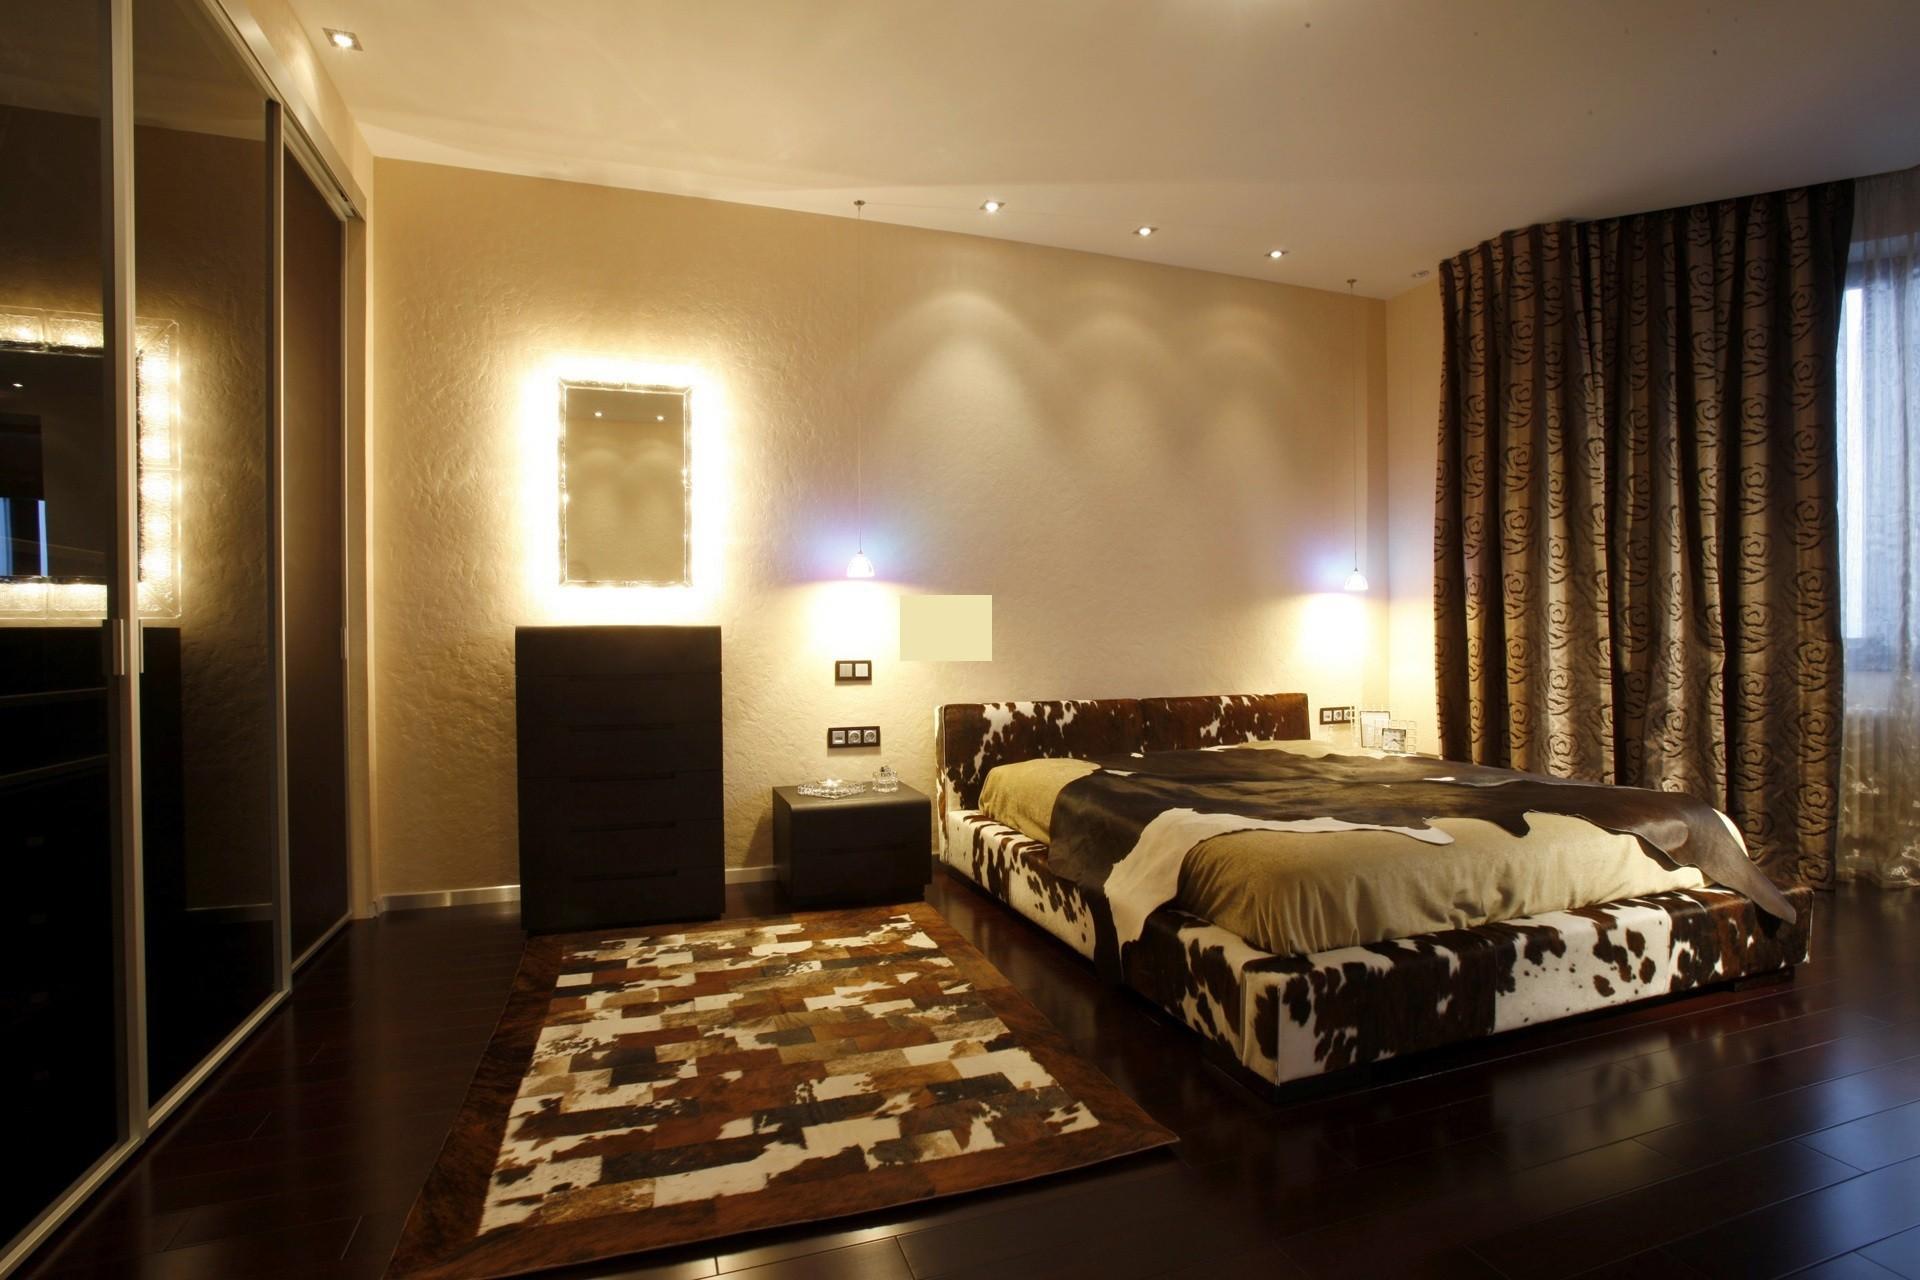 светильники над кроватью в спальне фото